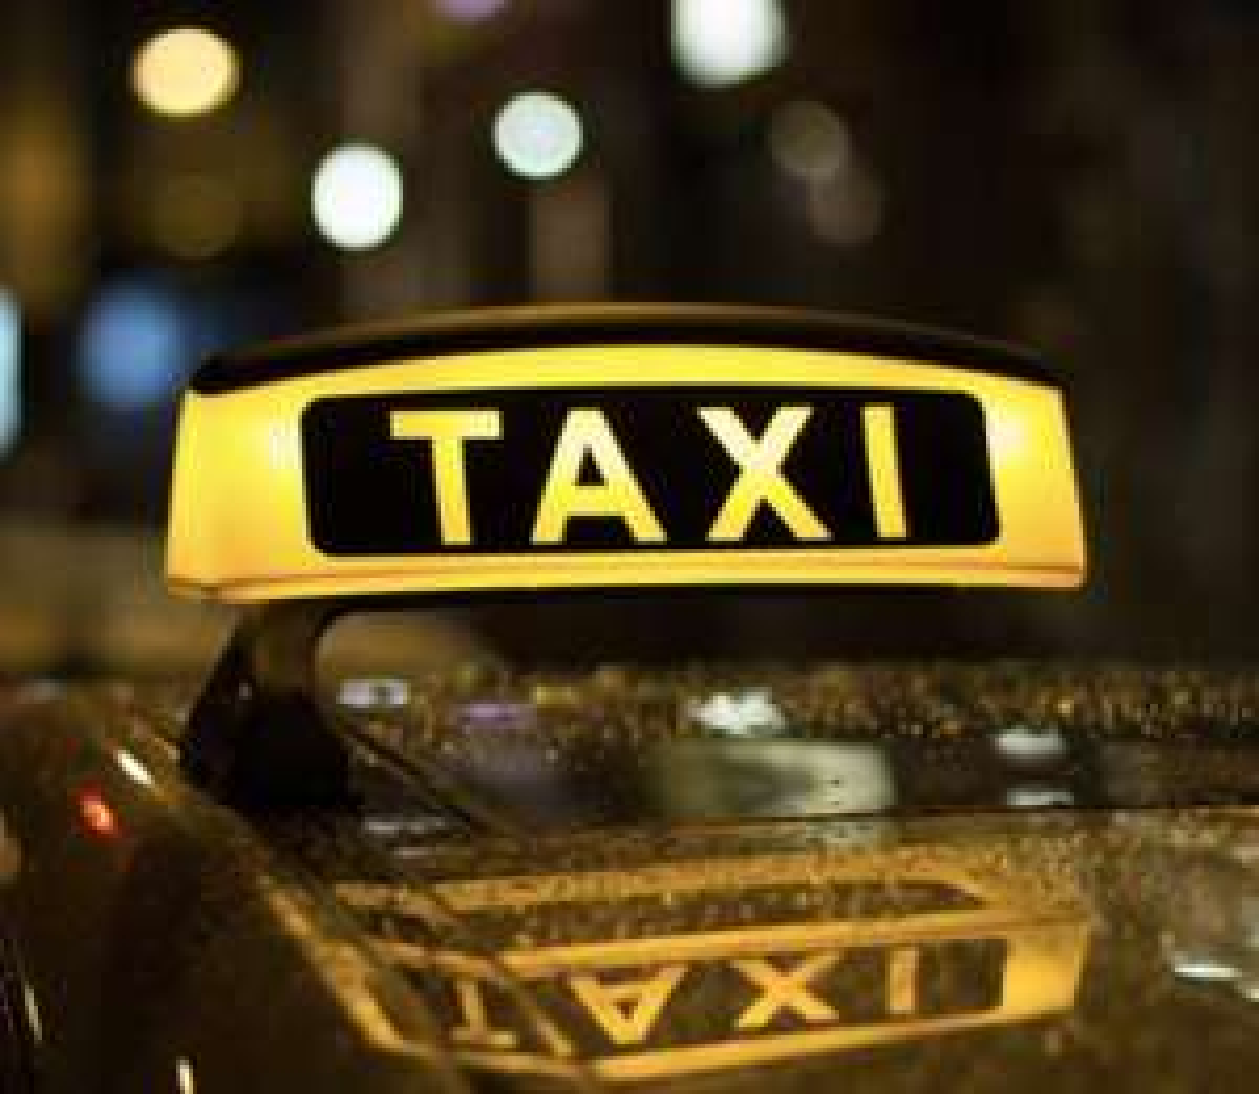 München: Ärzte, Schwestern und Pfleger fahren ab sofort kostenlos Taxi!